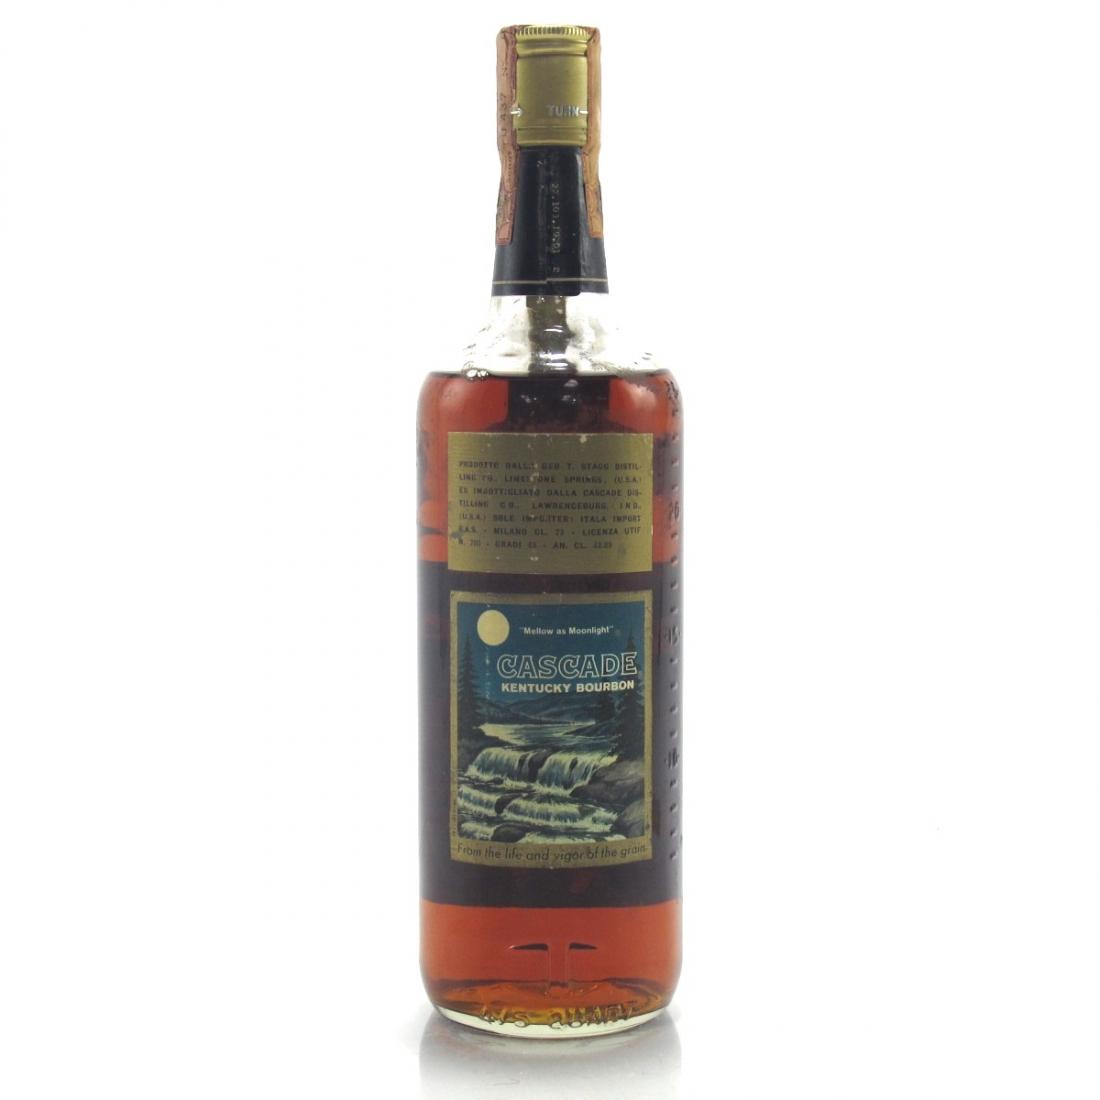 Cascade Kentucky Straight Bourbon 1970s